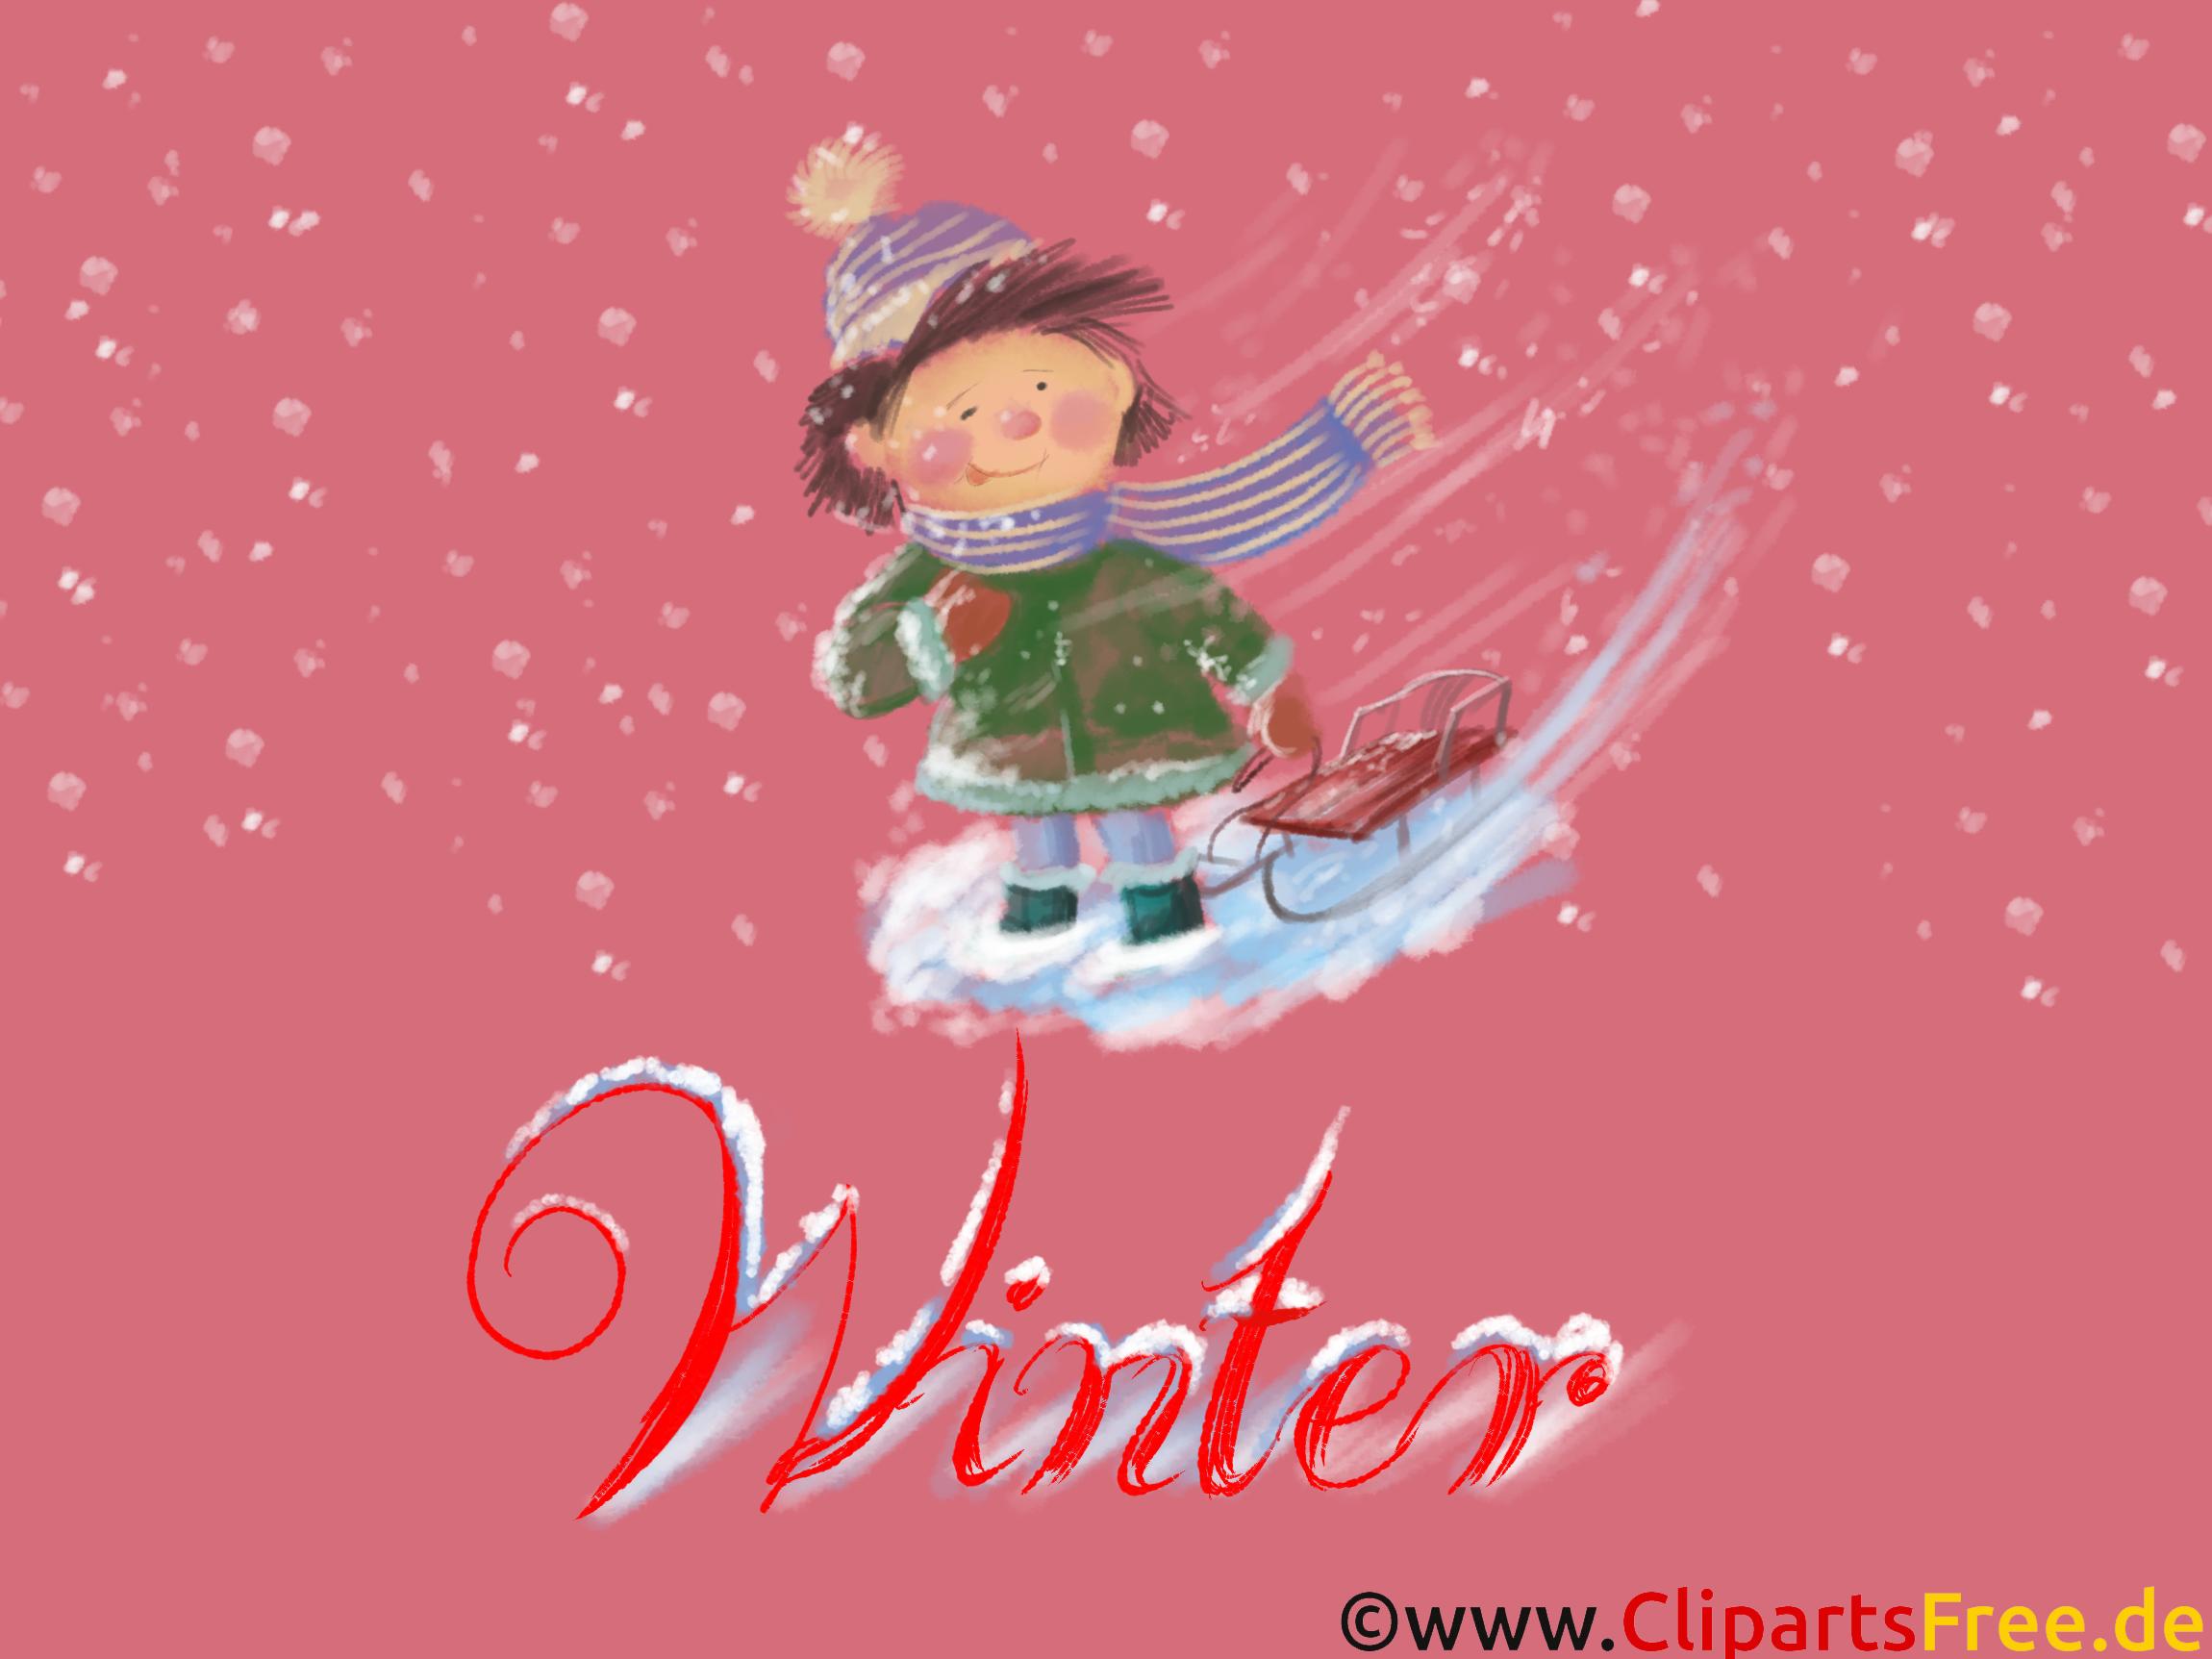 Bildschirmhintergrund Junge, Winter, Schnee, Weihnachten, Silvester